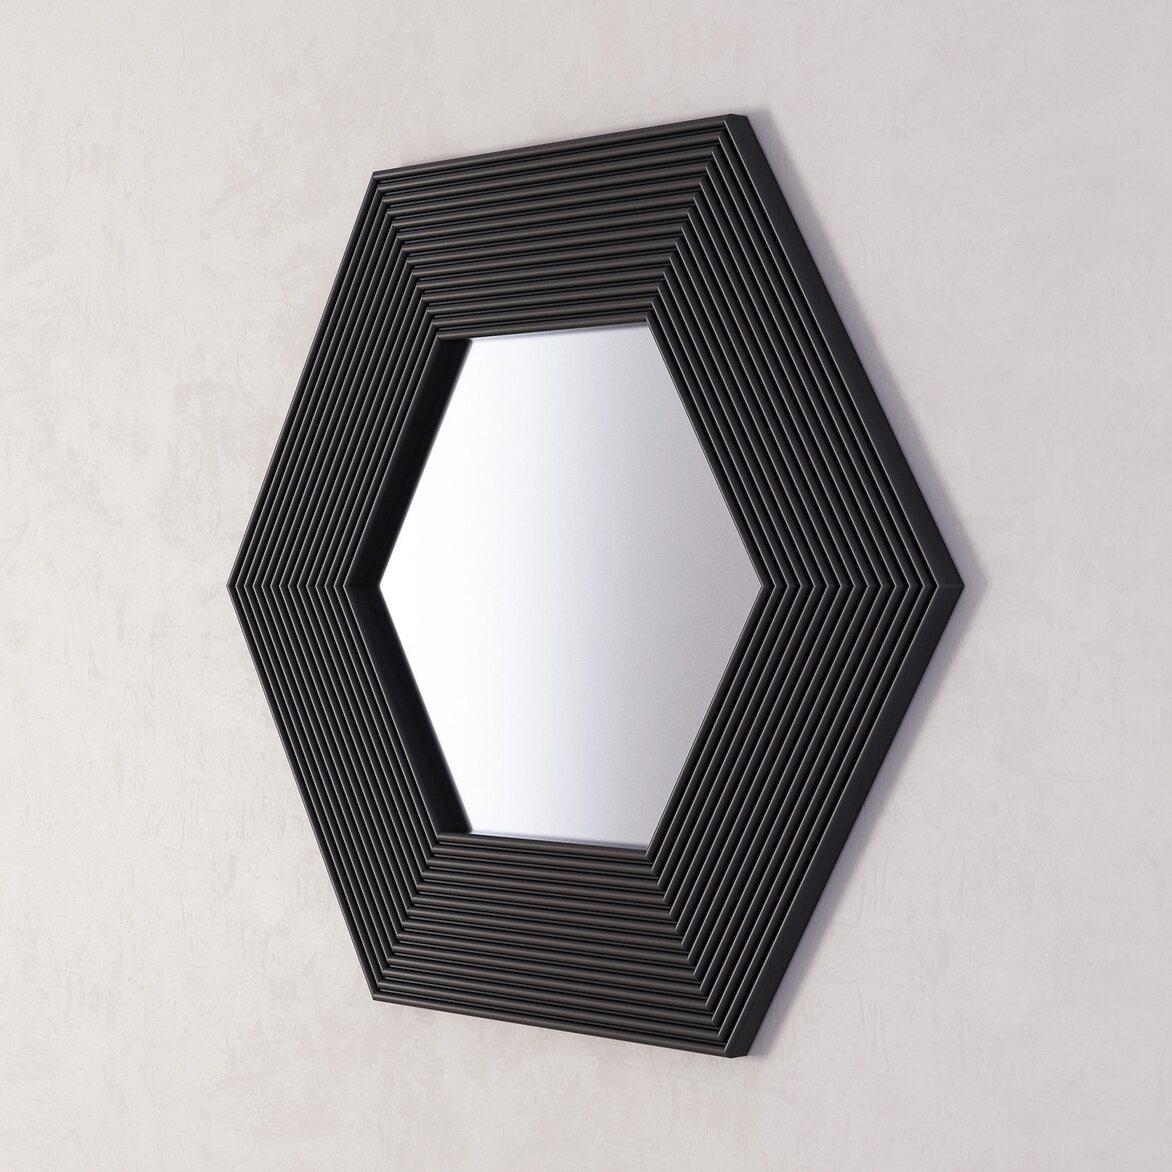 Зеркало Сorners black 2 | Настенные зеркала Kingsby